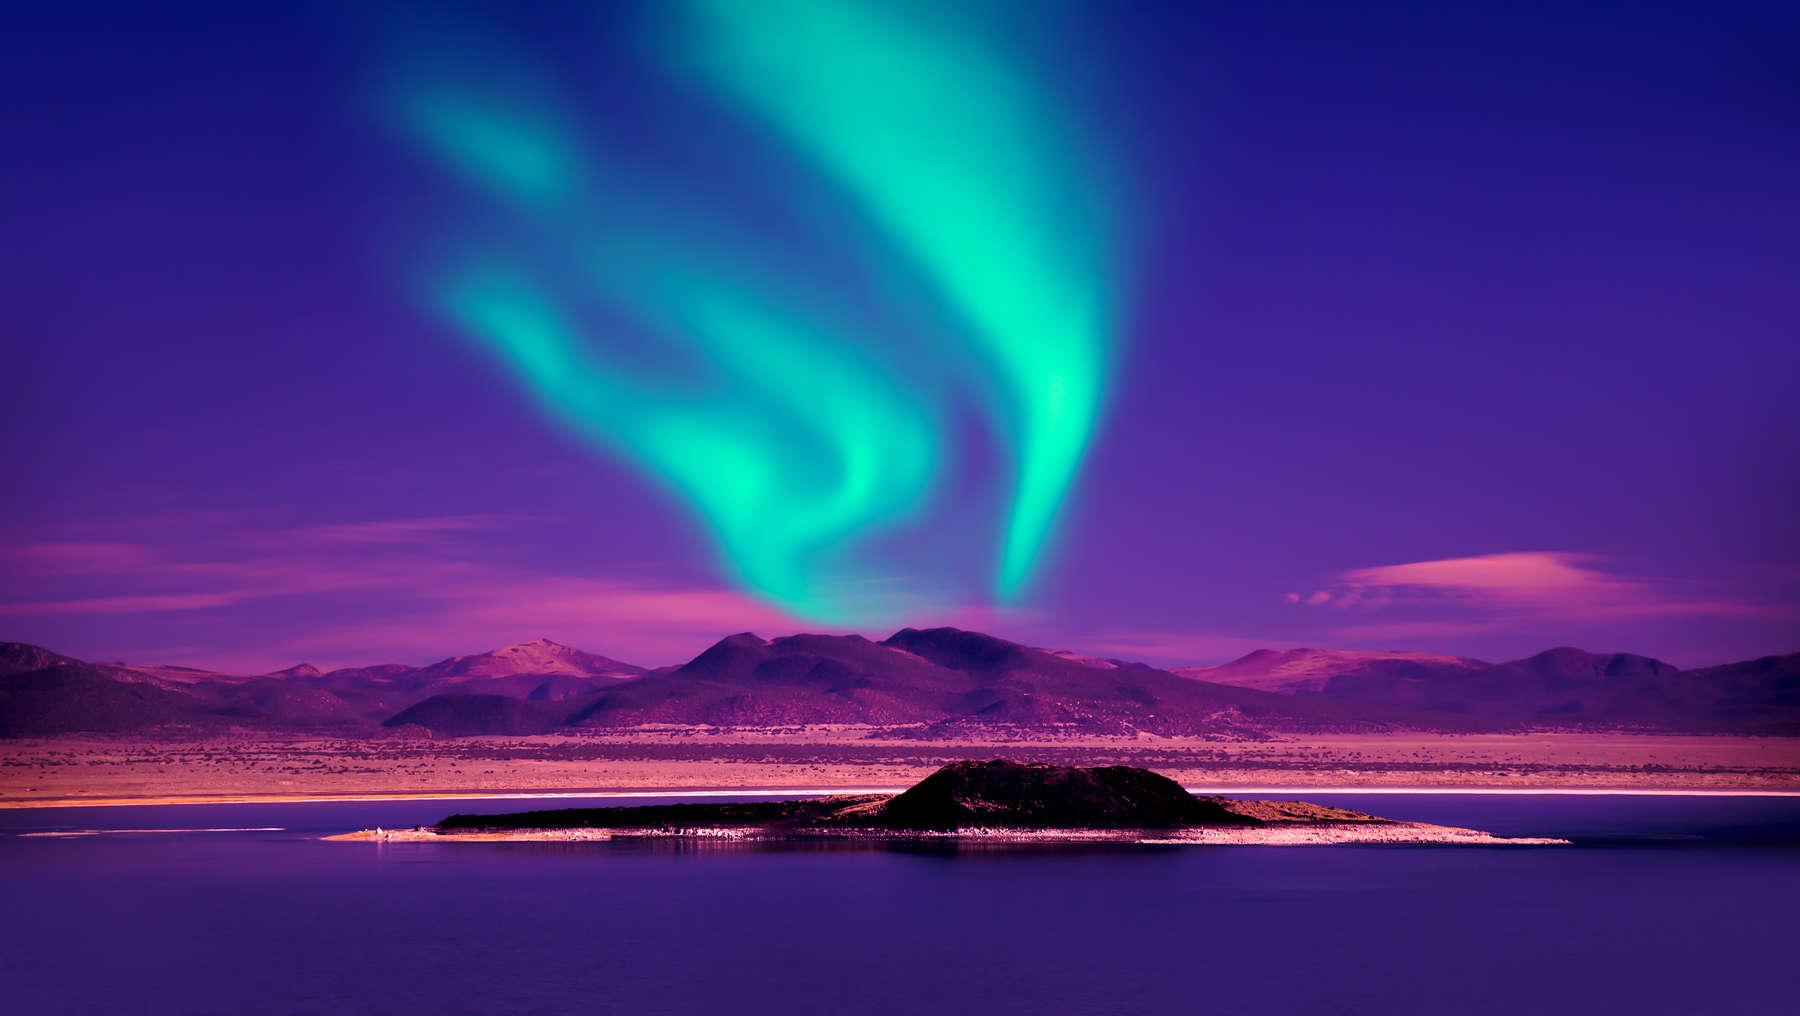 Northern lights over lake